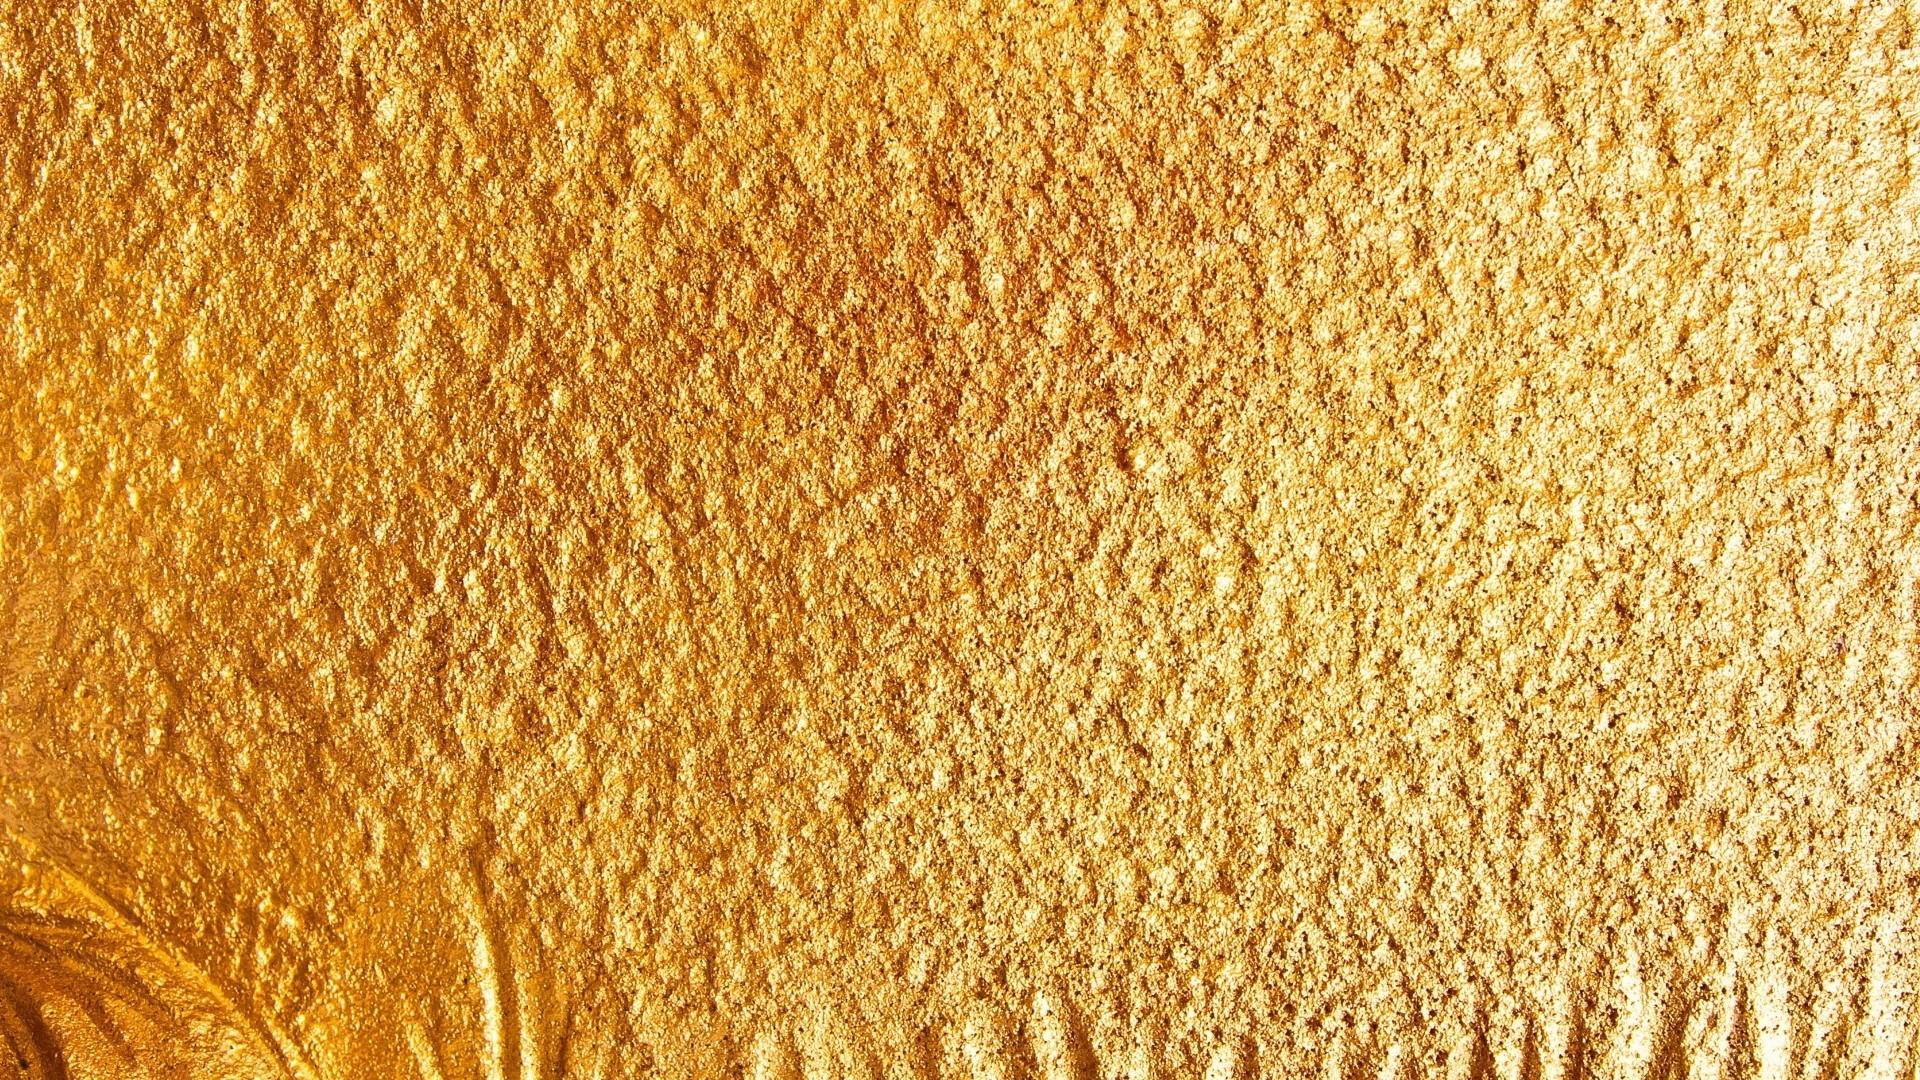 Texture Sand Desktop Wallpaper